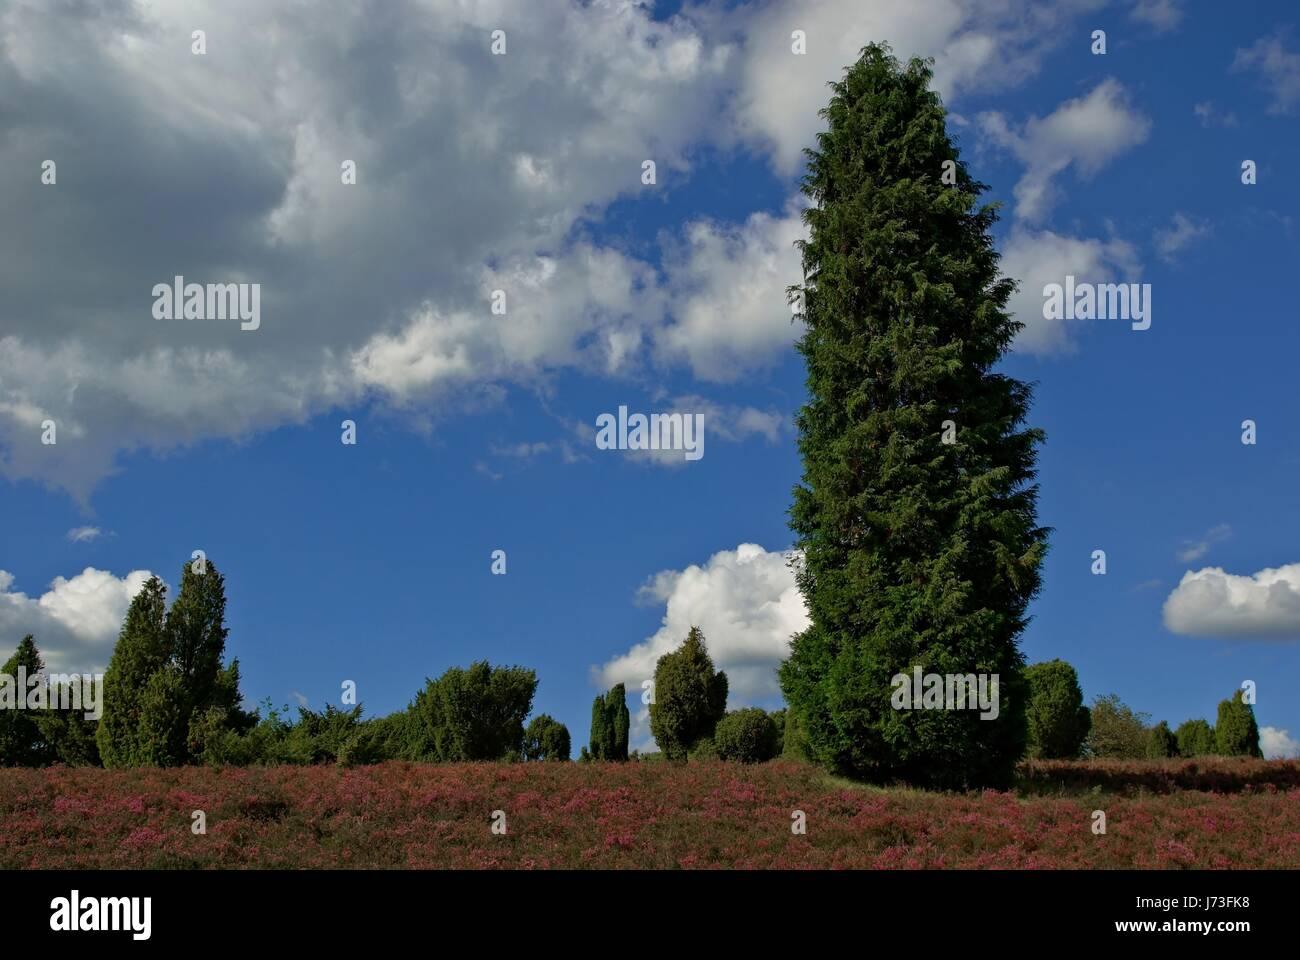 Conservación de la naturaleza heath juniper tree árboles para vacaciones vacaciones Foto de stock